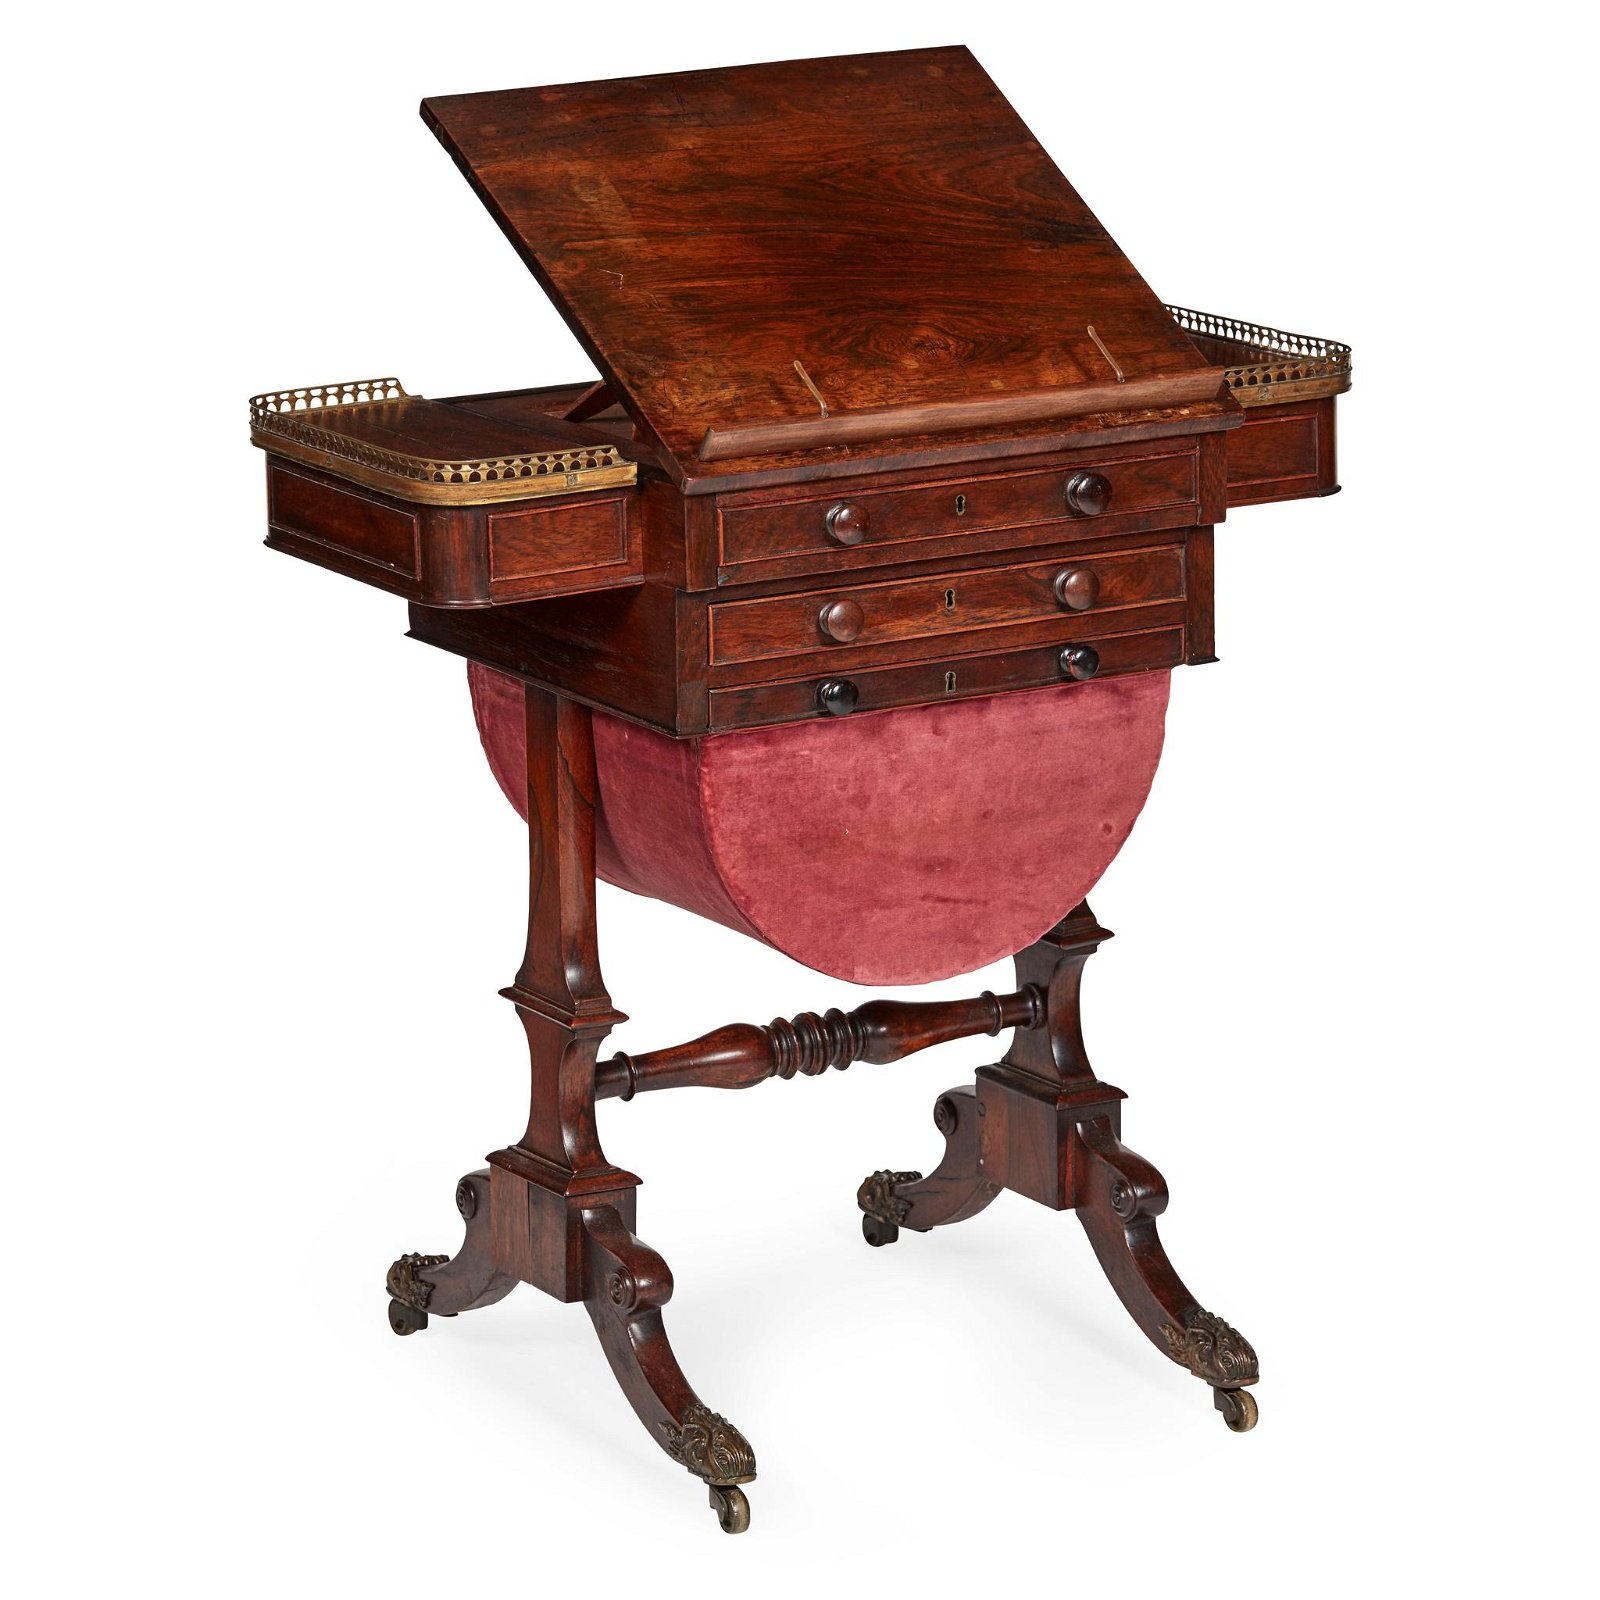 Y REGENCY ROSEWOOD WORK/GAMES TABLE EARLY 19TH CENTURY